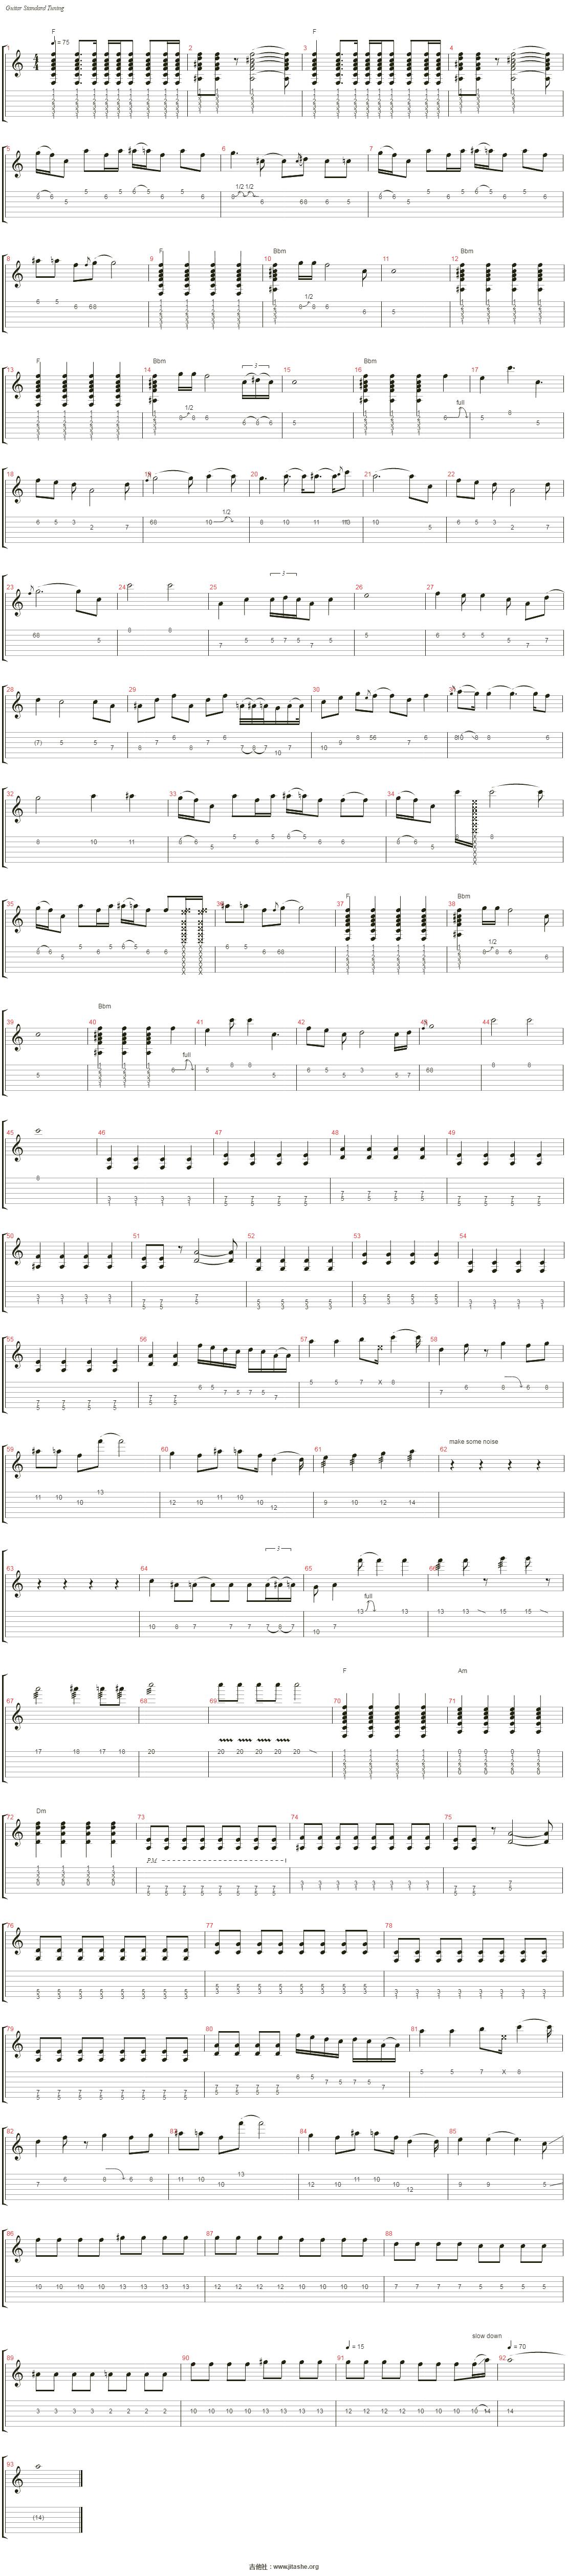 森林吉他谱(?瓂 1)_mr.